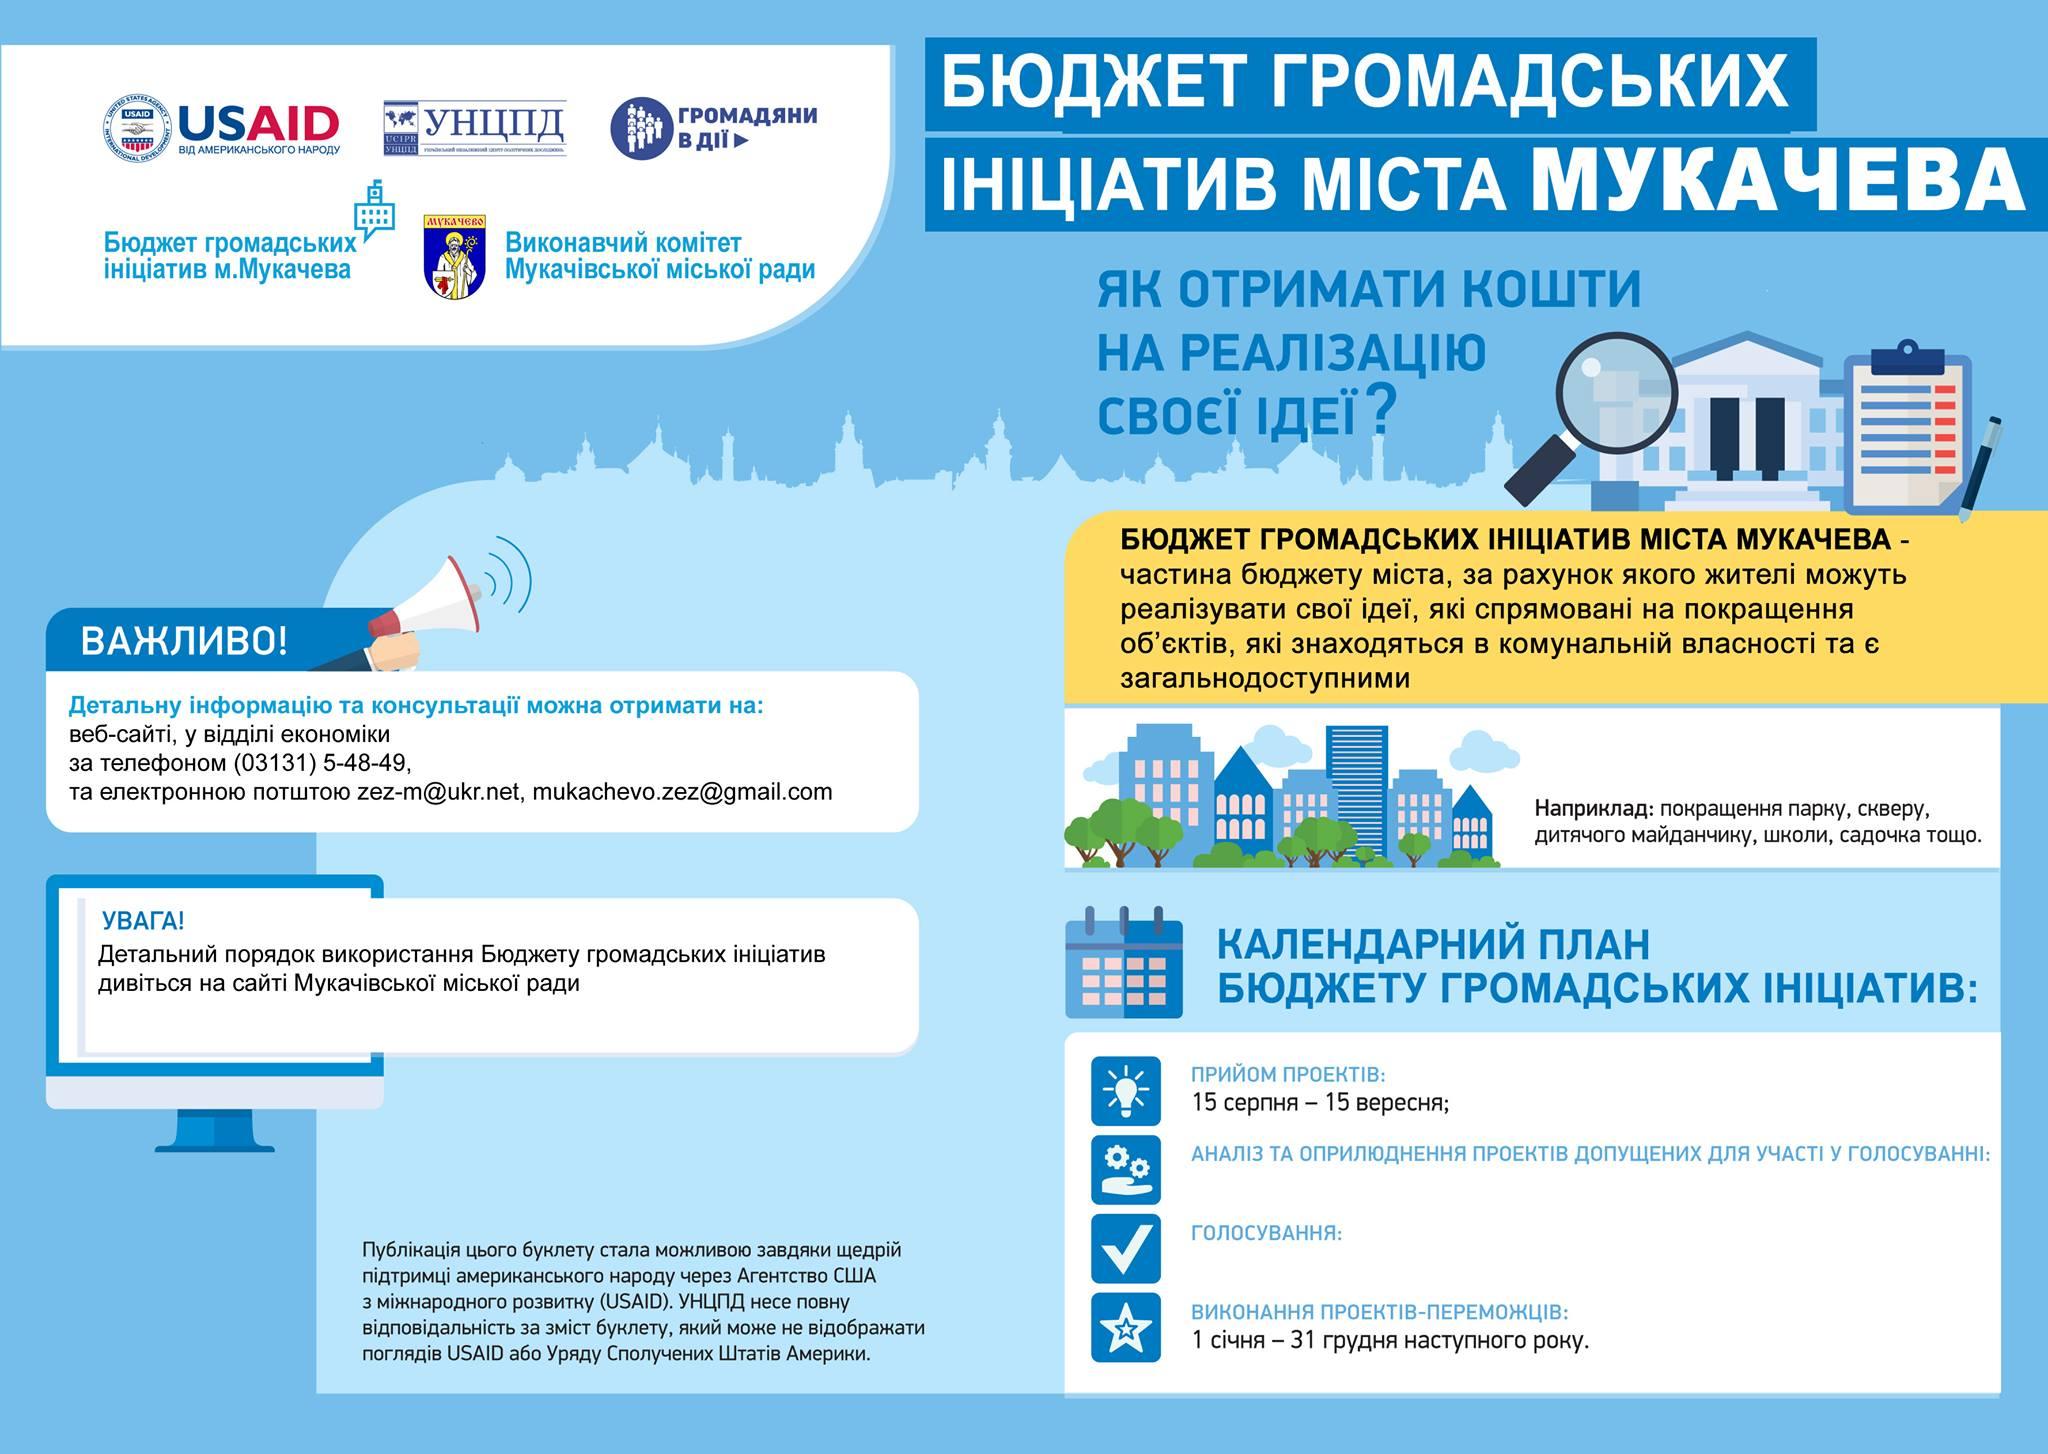 В Мукачеві створено комісію з питань бюджету громадських ініціатив b9026341ee865